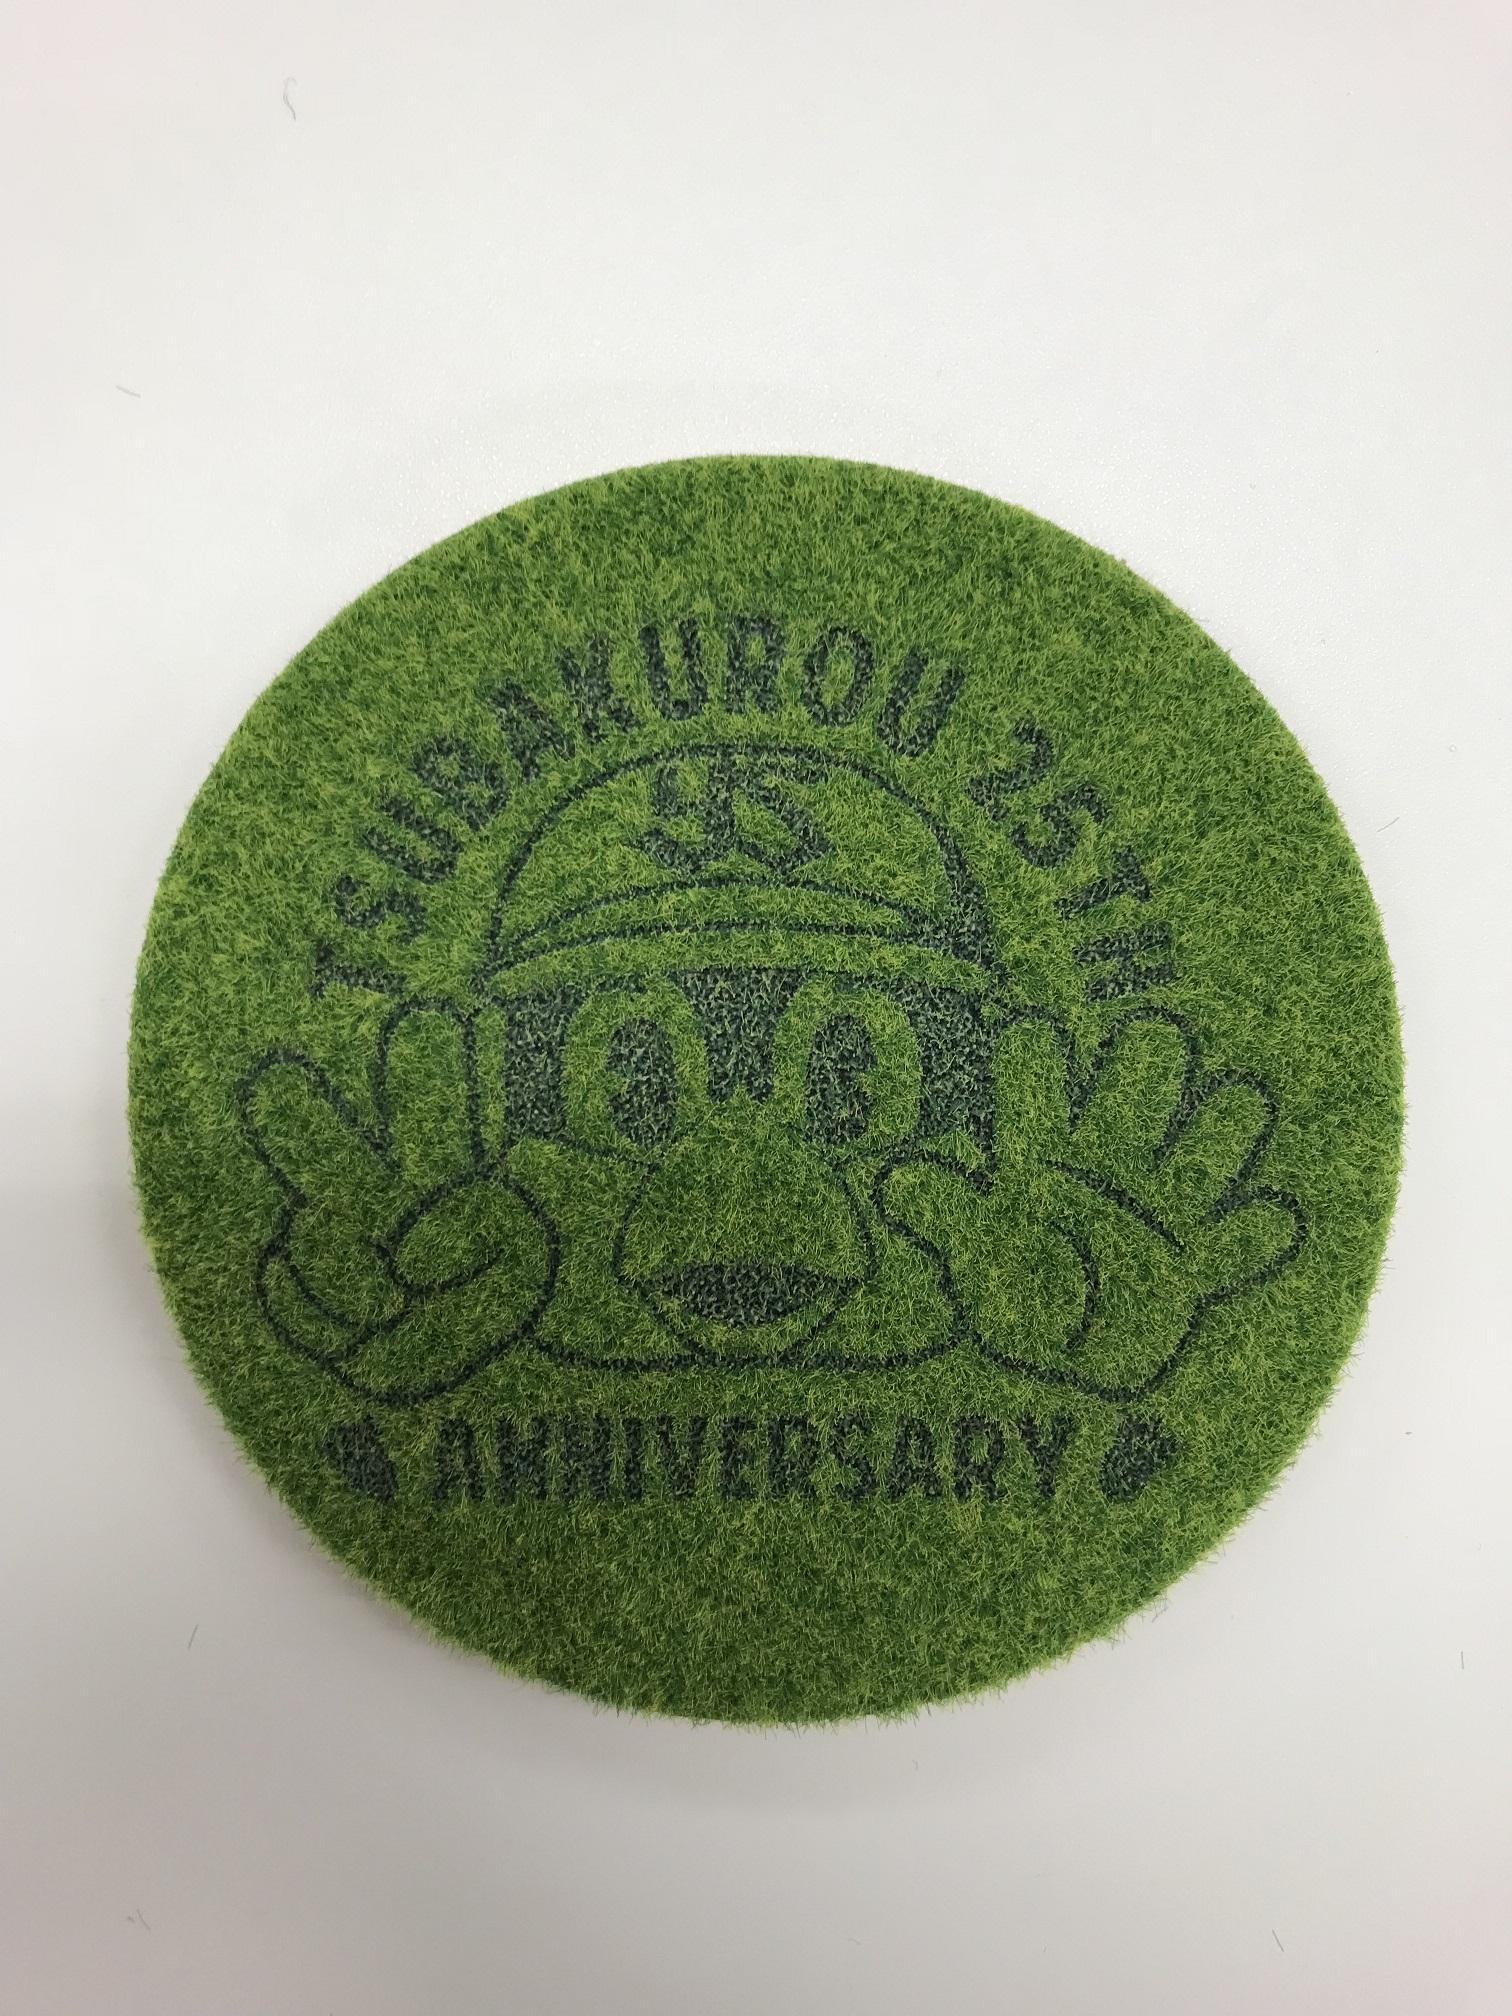 つば九郎25周年ロゴ芝生コースター